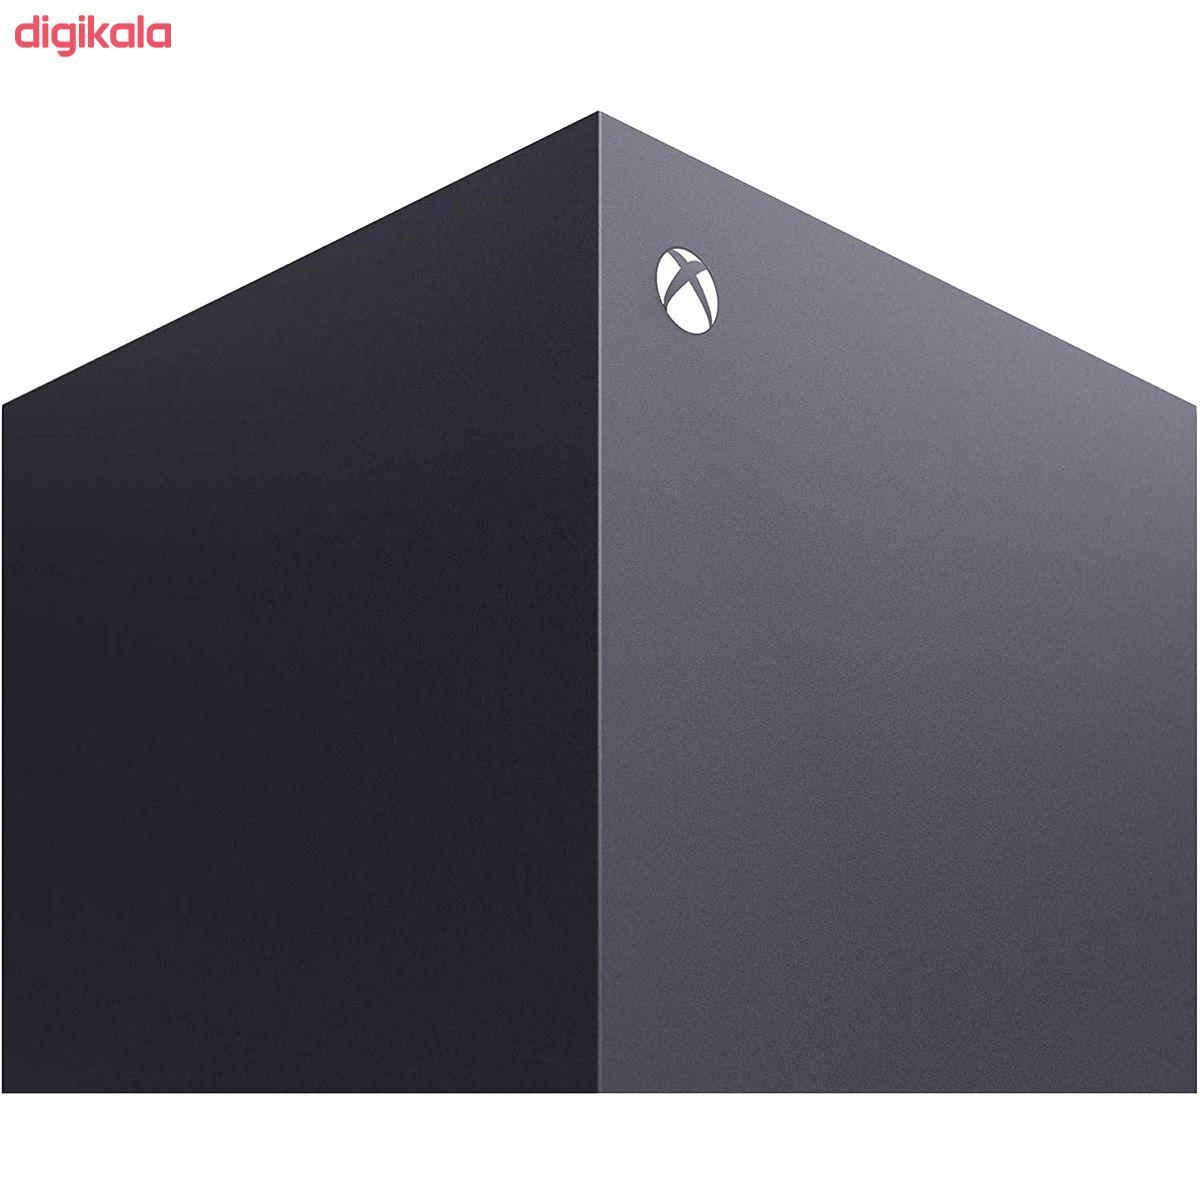 مجموعه کنسول بازی مایکروسافت مدل Xbox Series X ظرفیت 1 ترابایت main 1 4